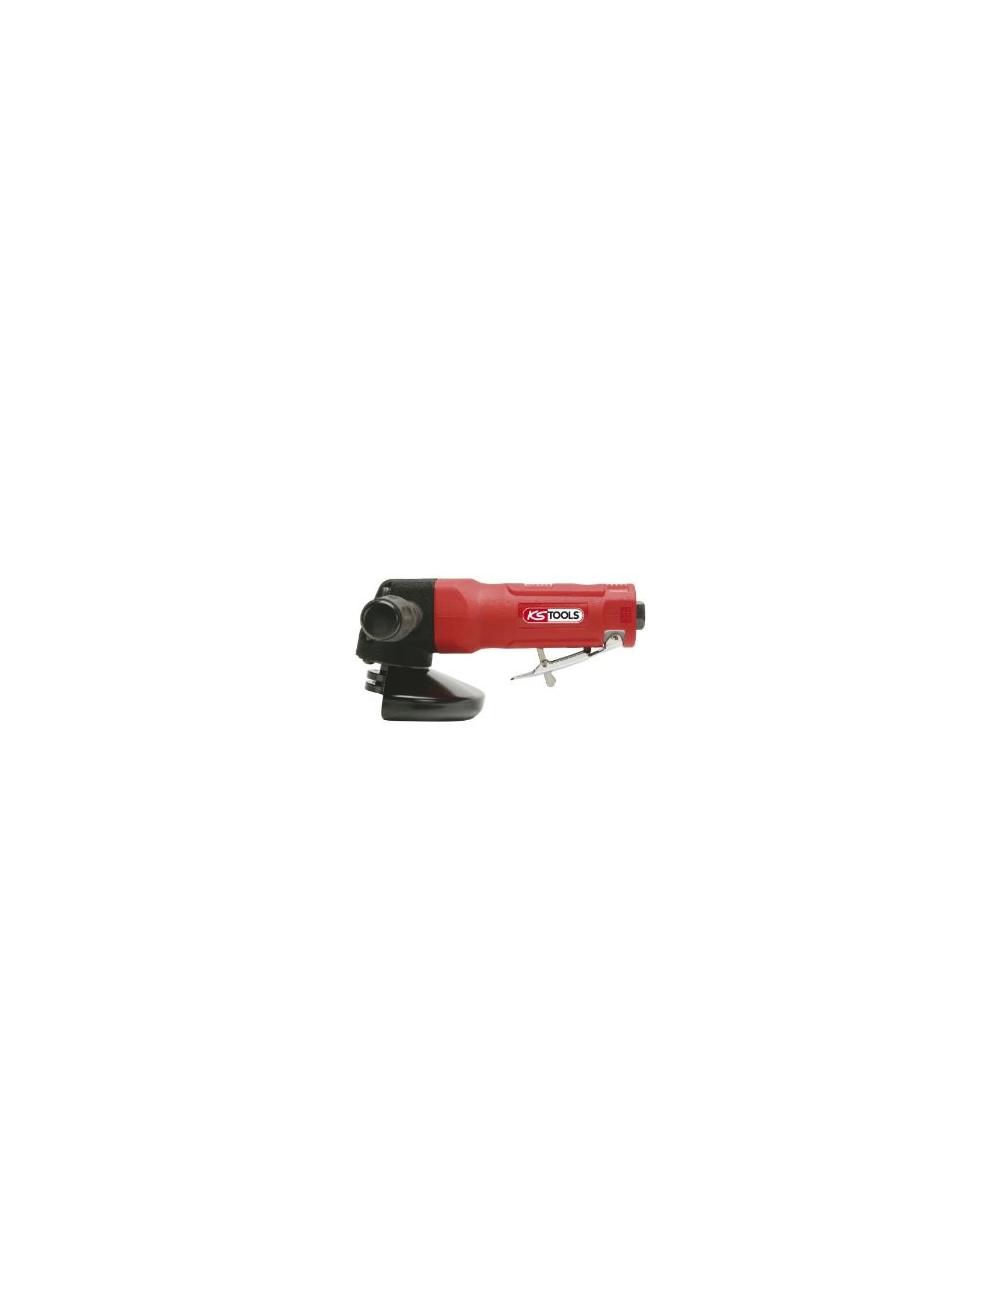 KSTools 515.3045 Meuleuse Pneumatique avec Poign/ée Lat/érale